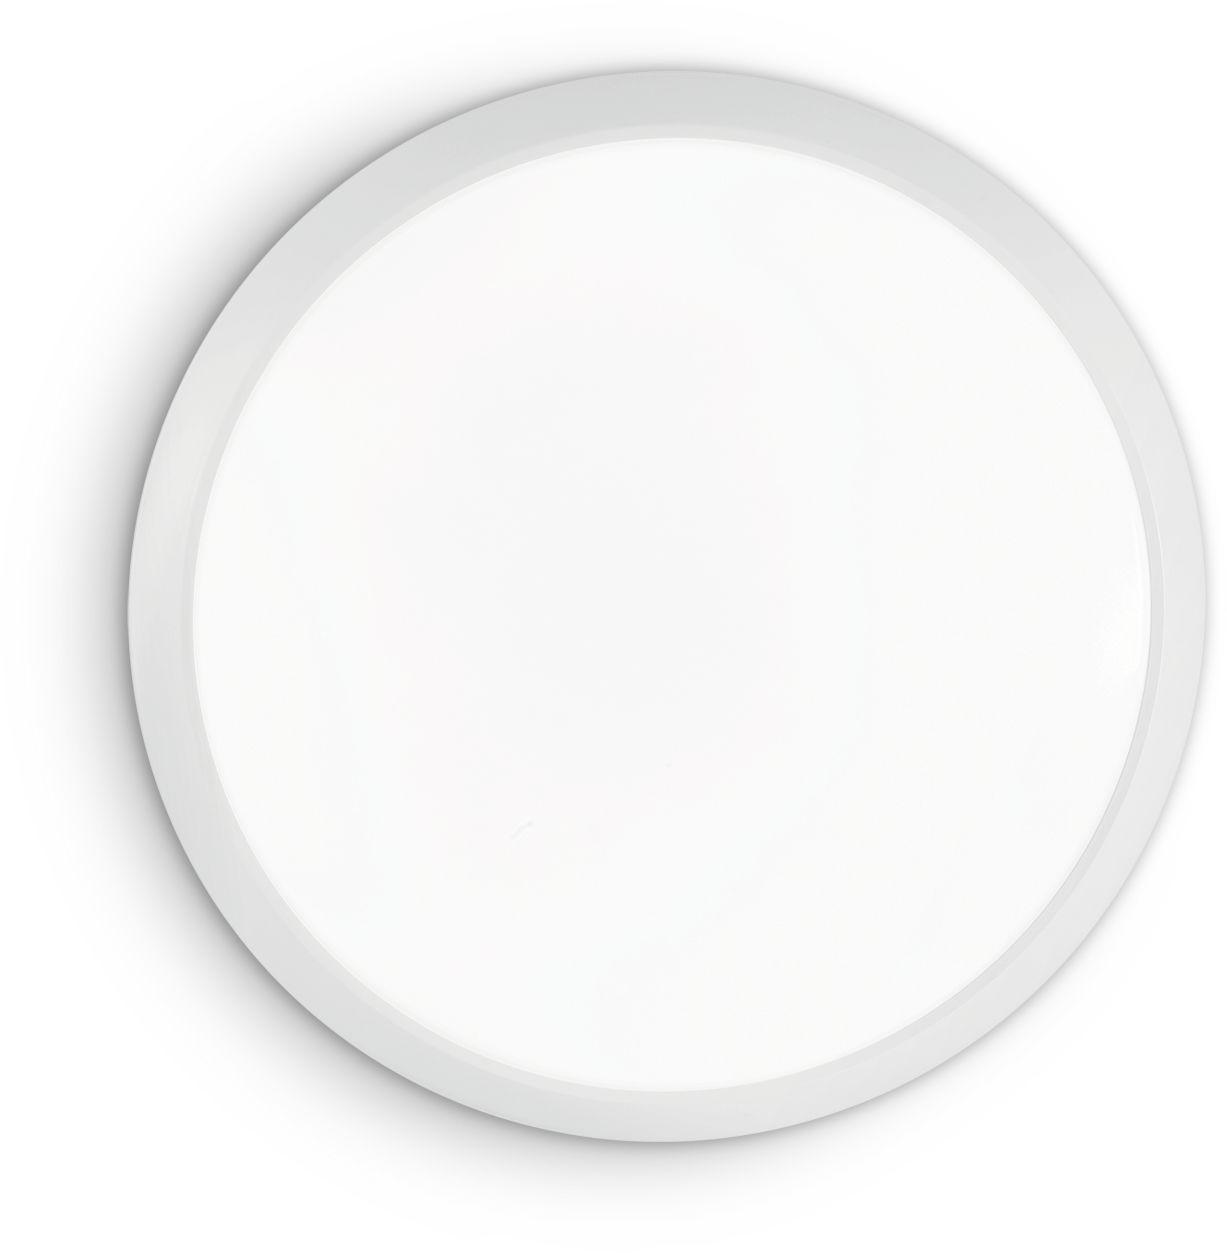 Plafon Gemma 252612 Ideal Lux lampa sufitowa w kolorze białym